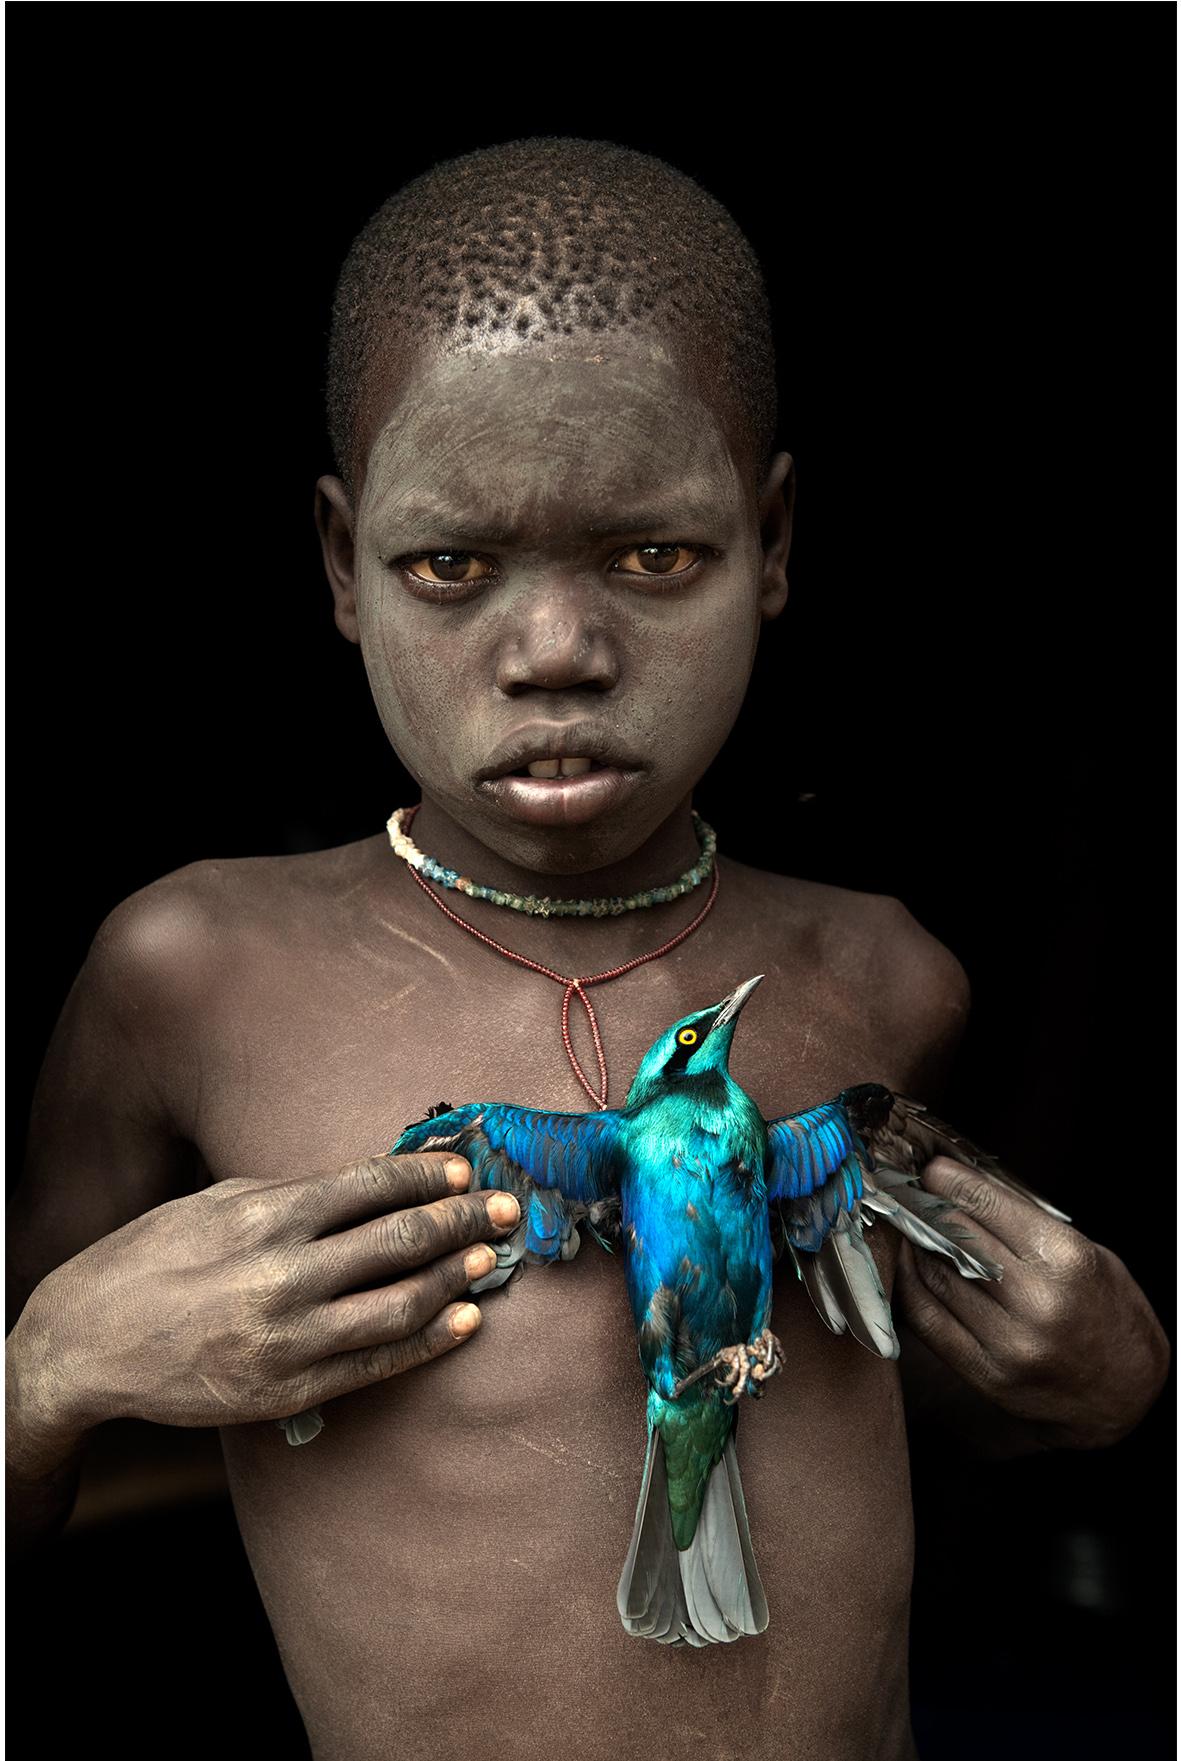 Enfants d'Ethiopie de Hans Silvester, galerie d'art lyon, art contemporain lyon, galerie Lyon